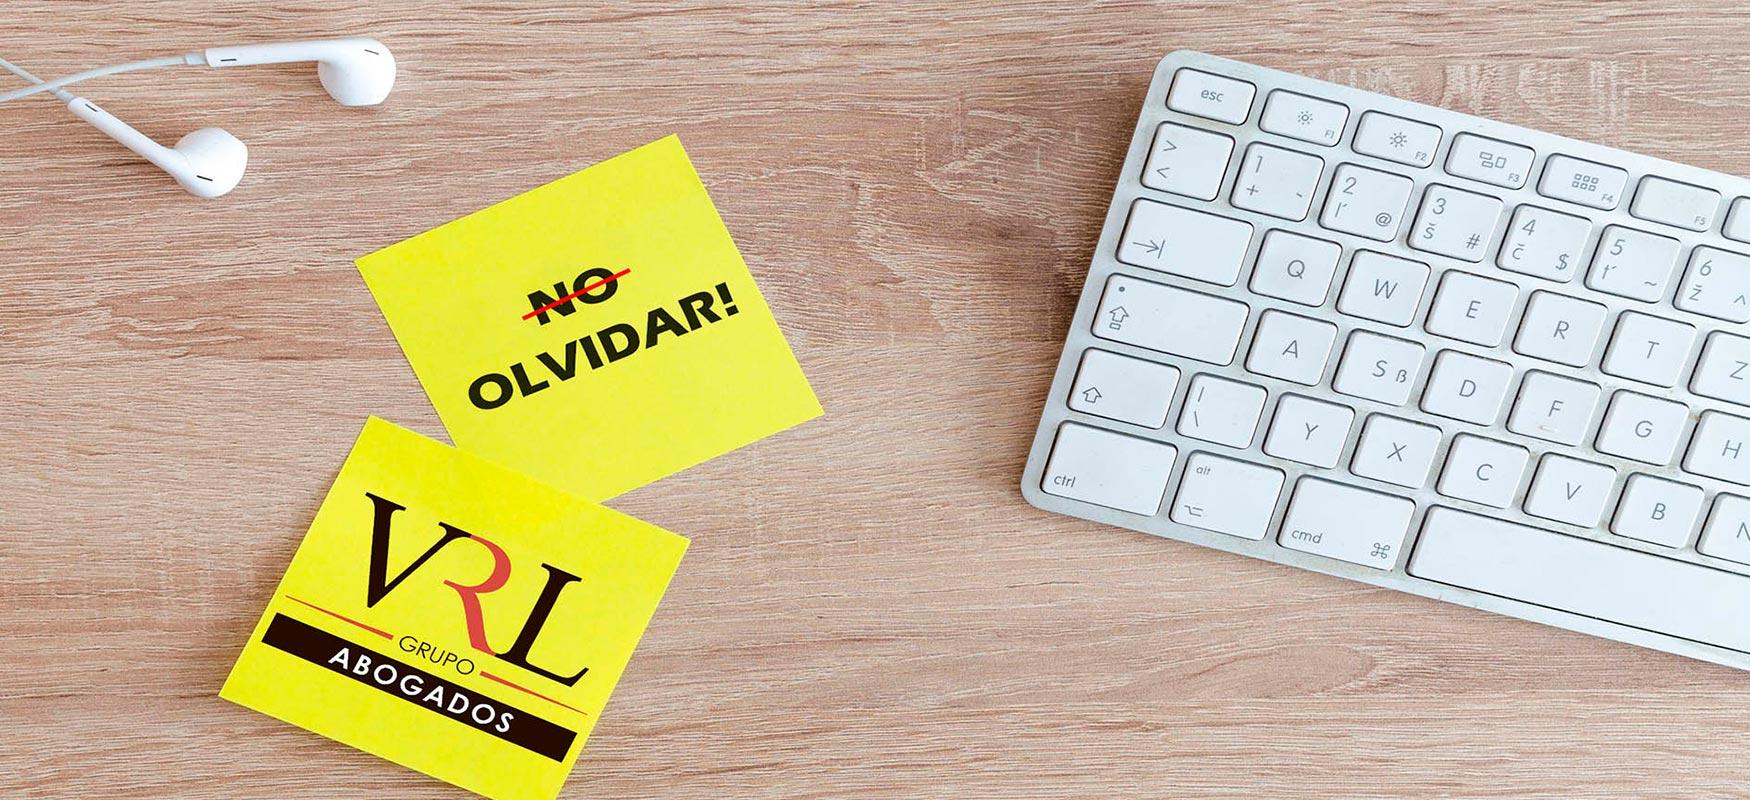 VRL-Abogados---derecho al olvido